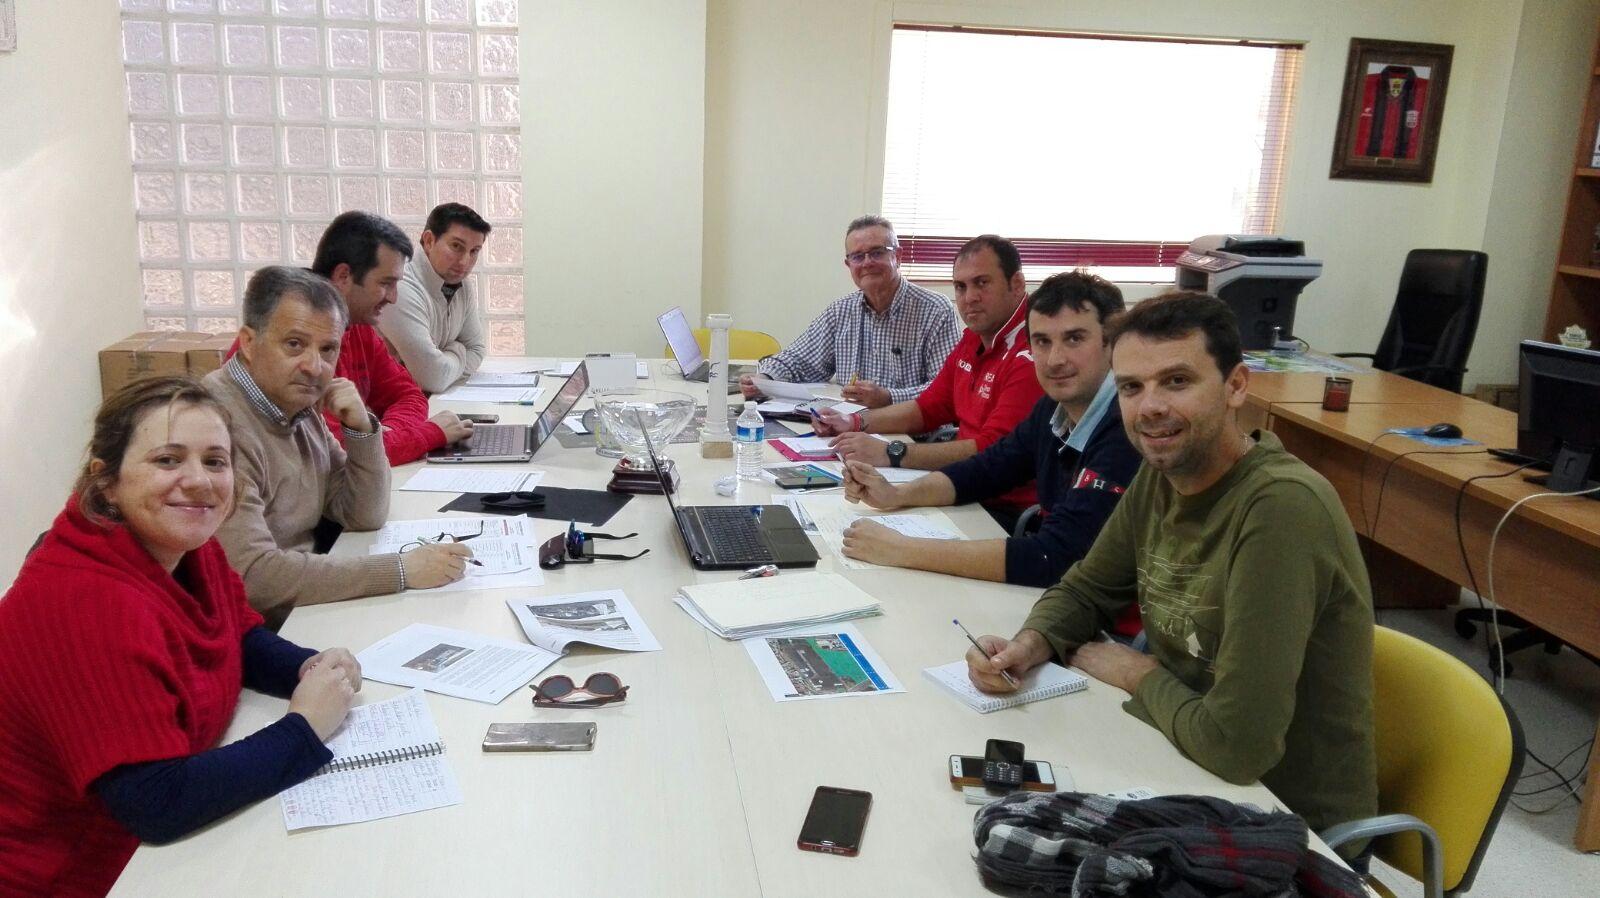 Méridaserá el escenario del Campeonato de España de Campo a Través